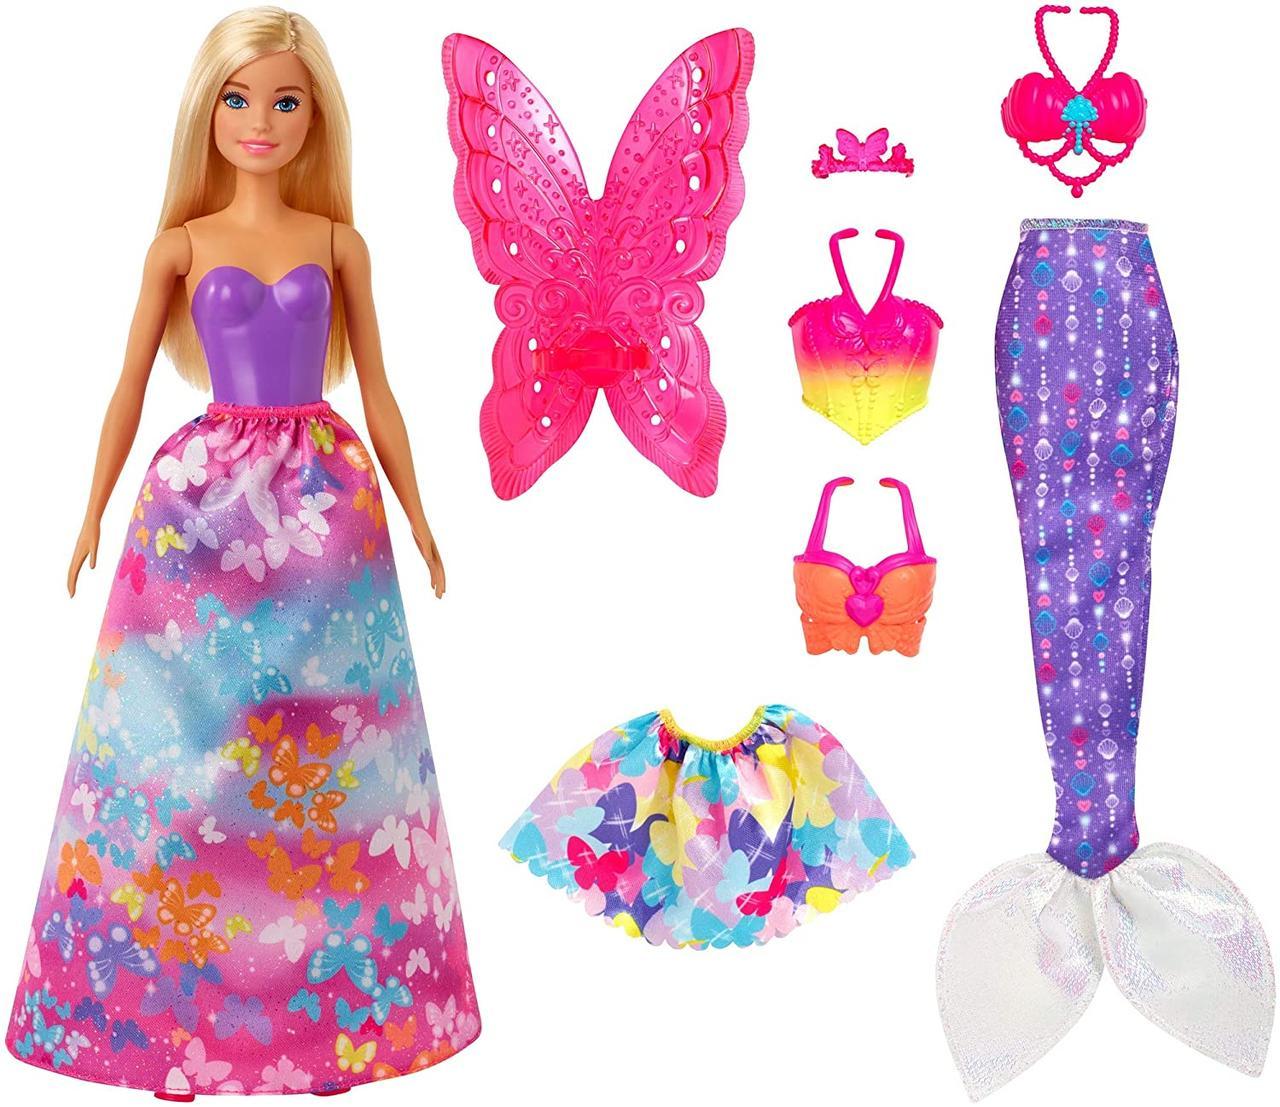 Кукла Барби Сказочное Перевоплощение Barbie Dreamtopia Dress Up Doll Gift Set , Blonde GJK40